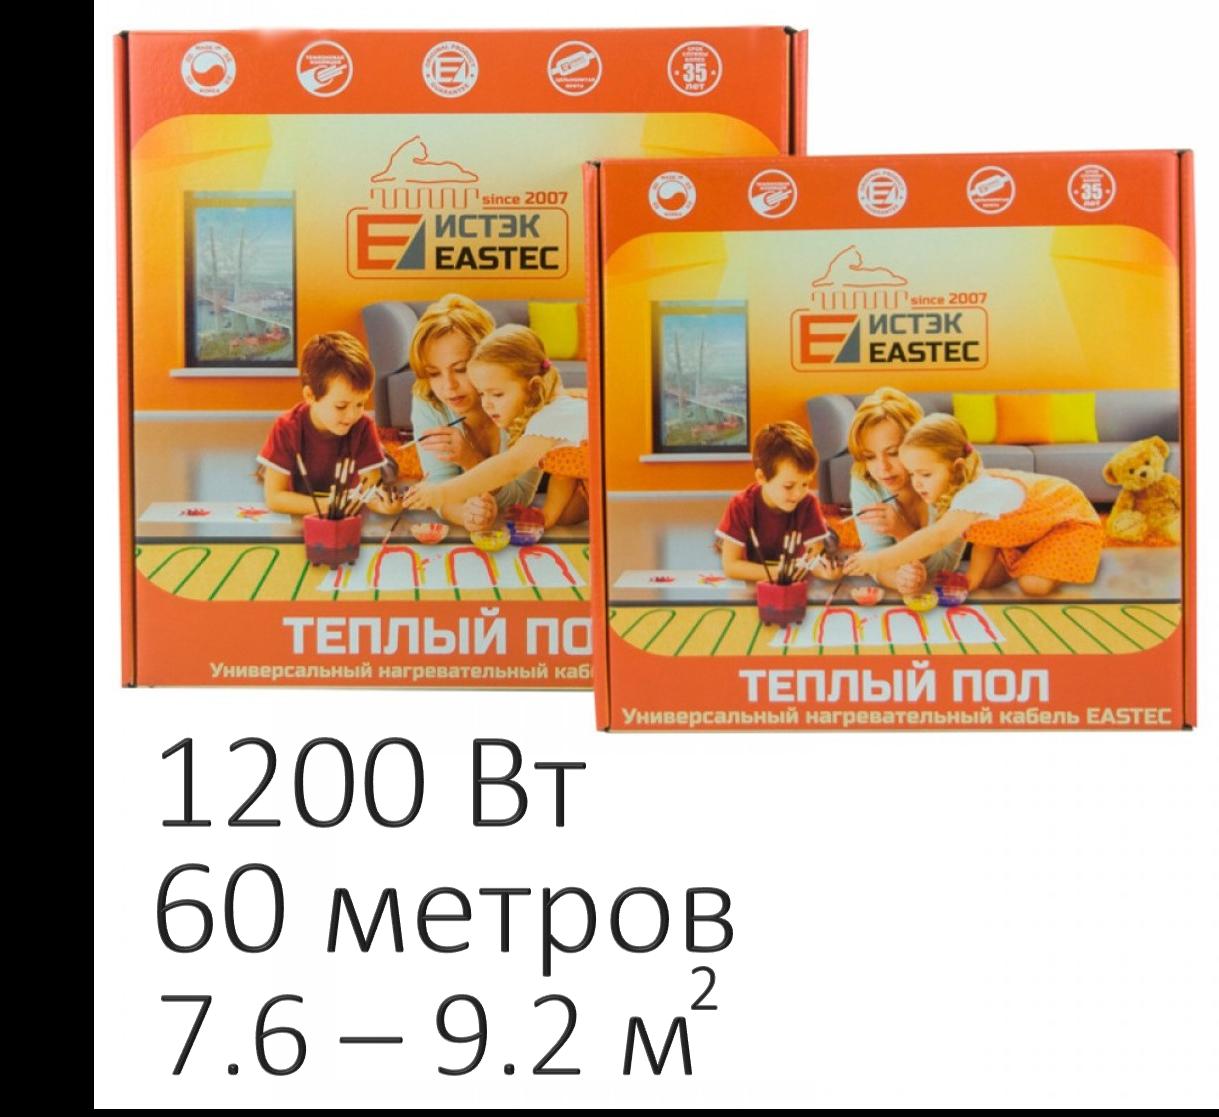 Нагревательный кабель - Eastec ECC-1200 (1200 Вт, 60 м)